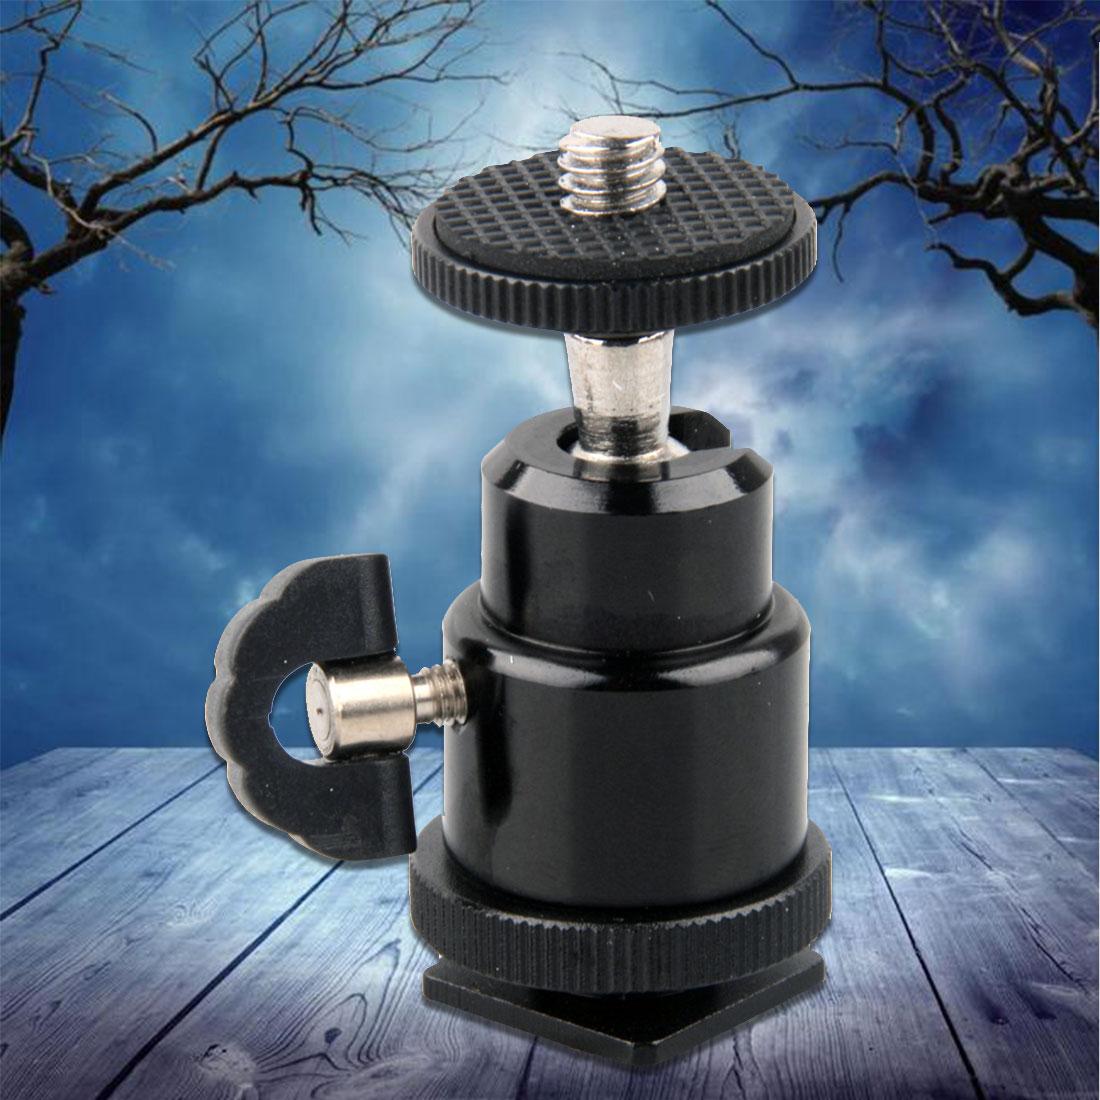 카메라 삼각대 용 Centechia LED 라이트 플래시 브래킷 홀더 마운트 1/4 슈 어댑터 크래들 볼 헤드 잠금 장치